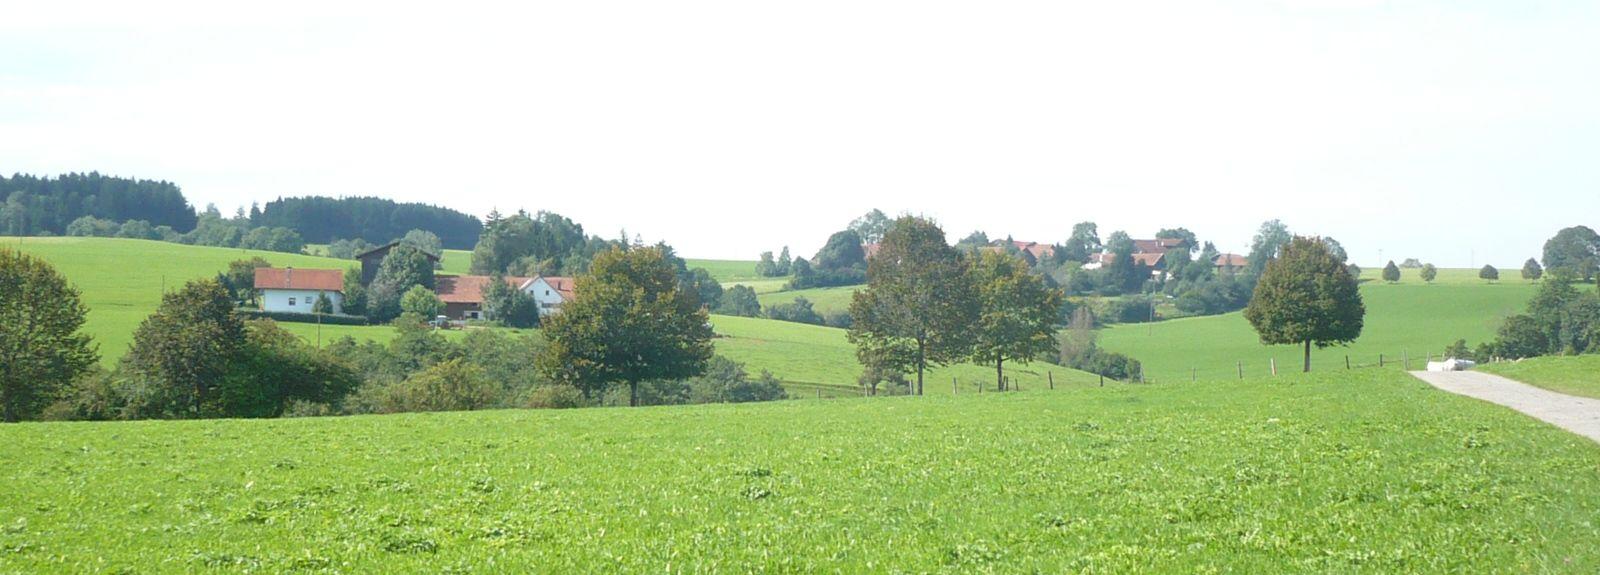 Friesenried, Bayern, Deutschland